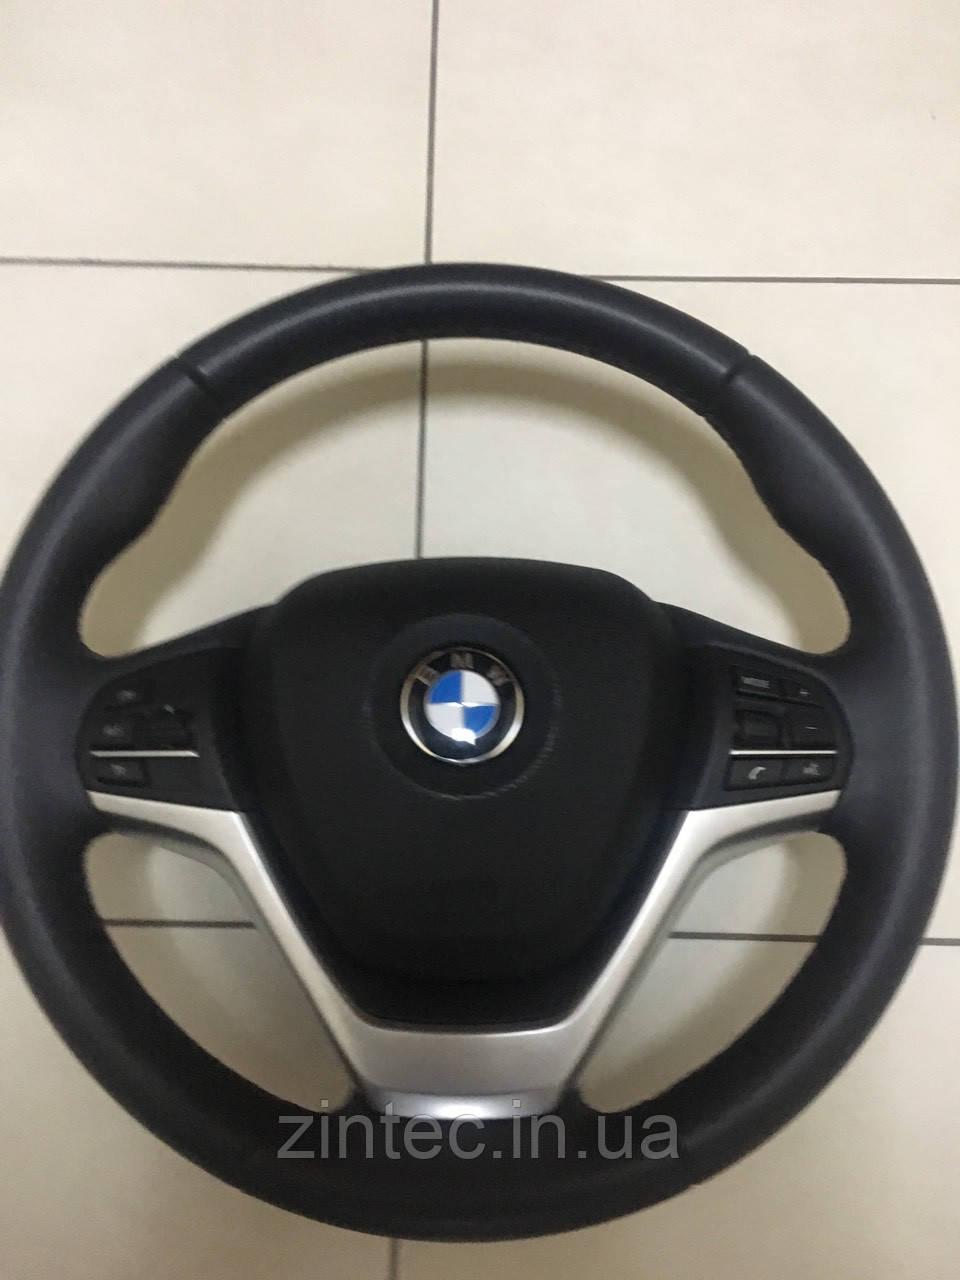 Руль на BMW X5-X6 2017год с аэрбэгом НОВЫЙ!